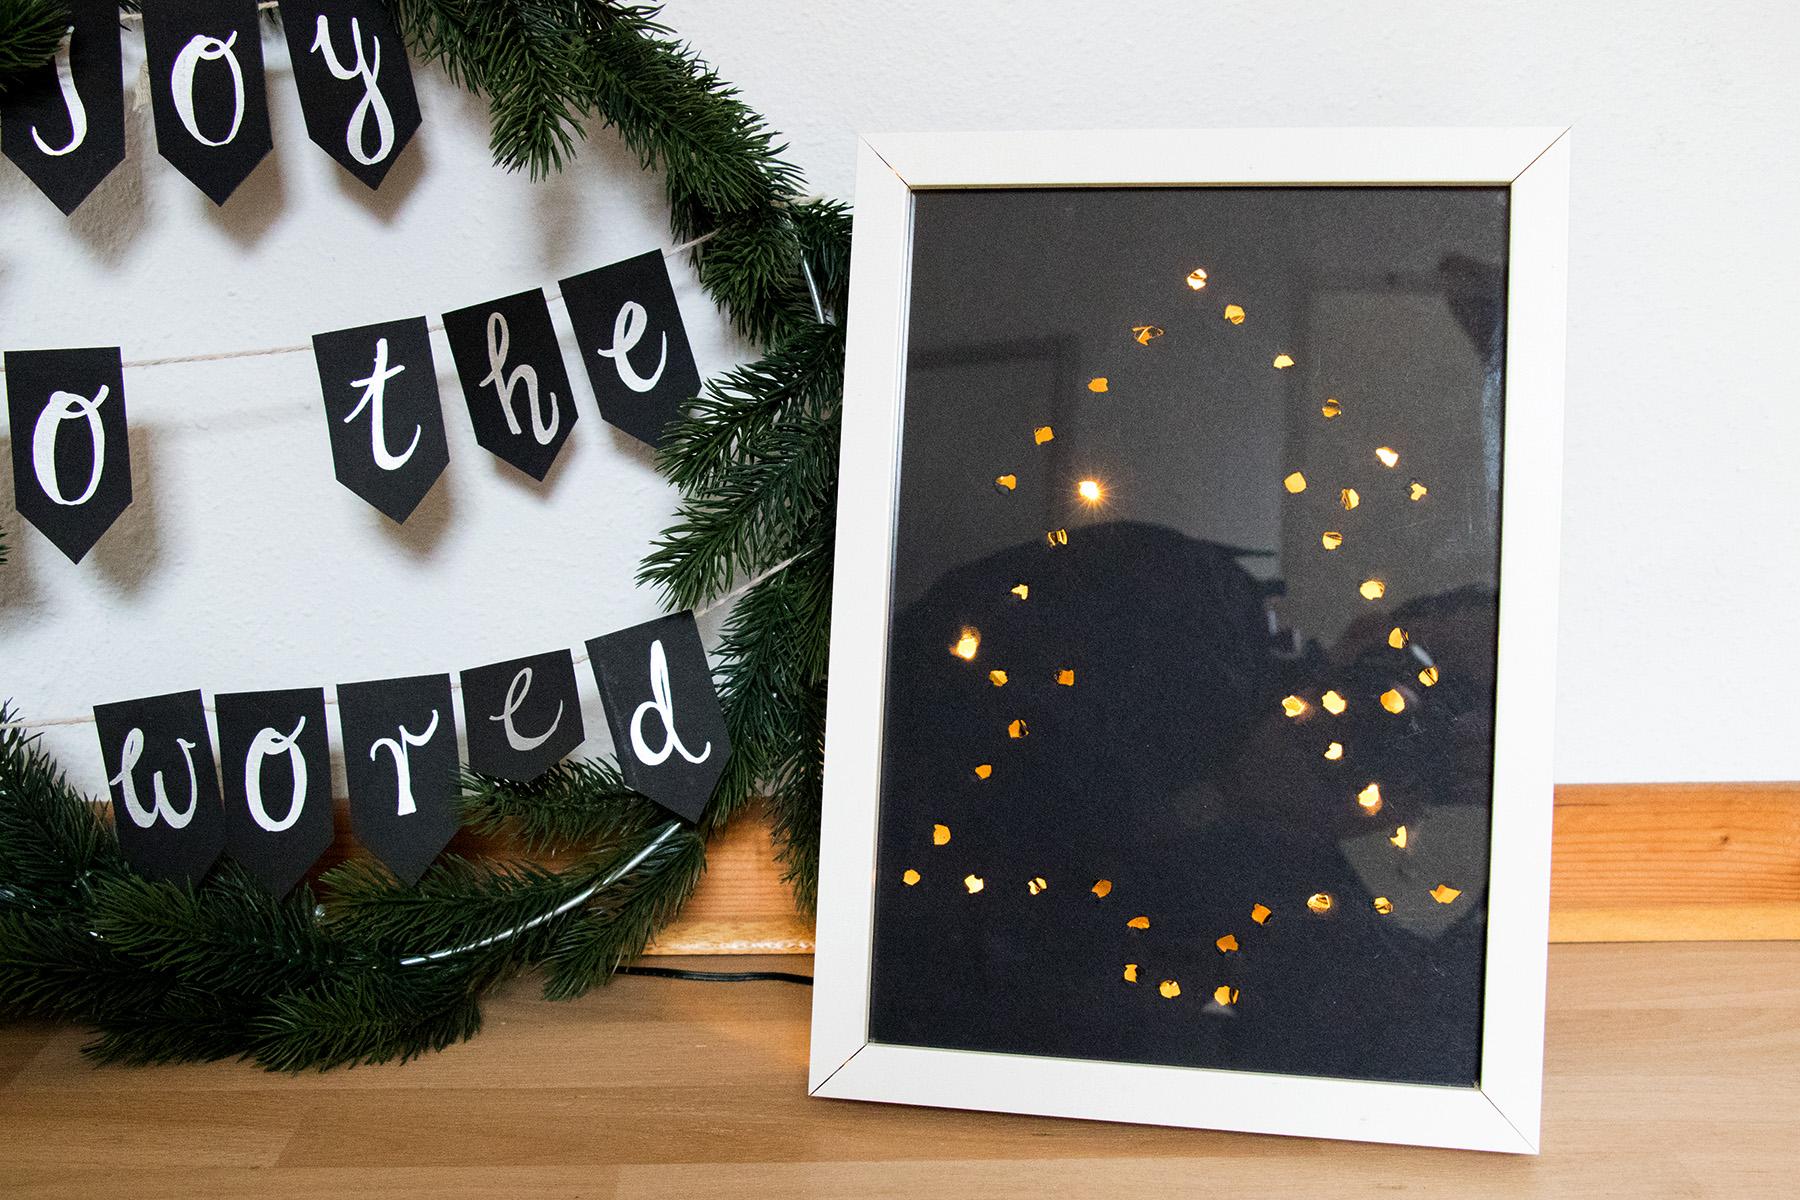 letters_and_beads_zero_waste_xmas_weihnachtsbaum_im_bilderrahmen_lichterkette